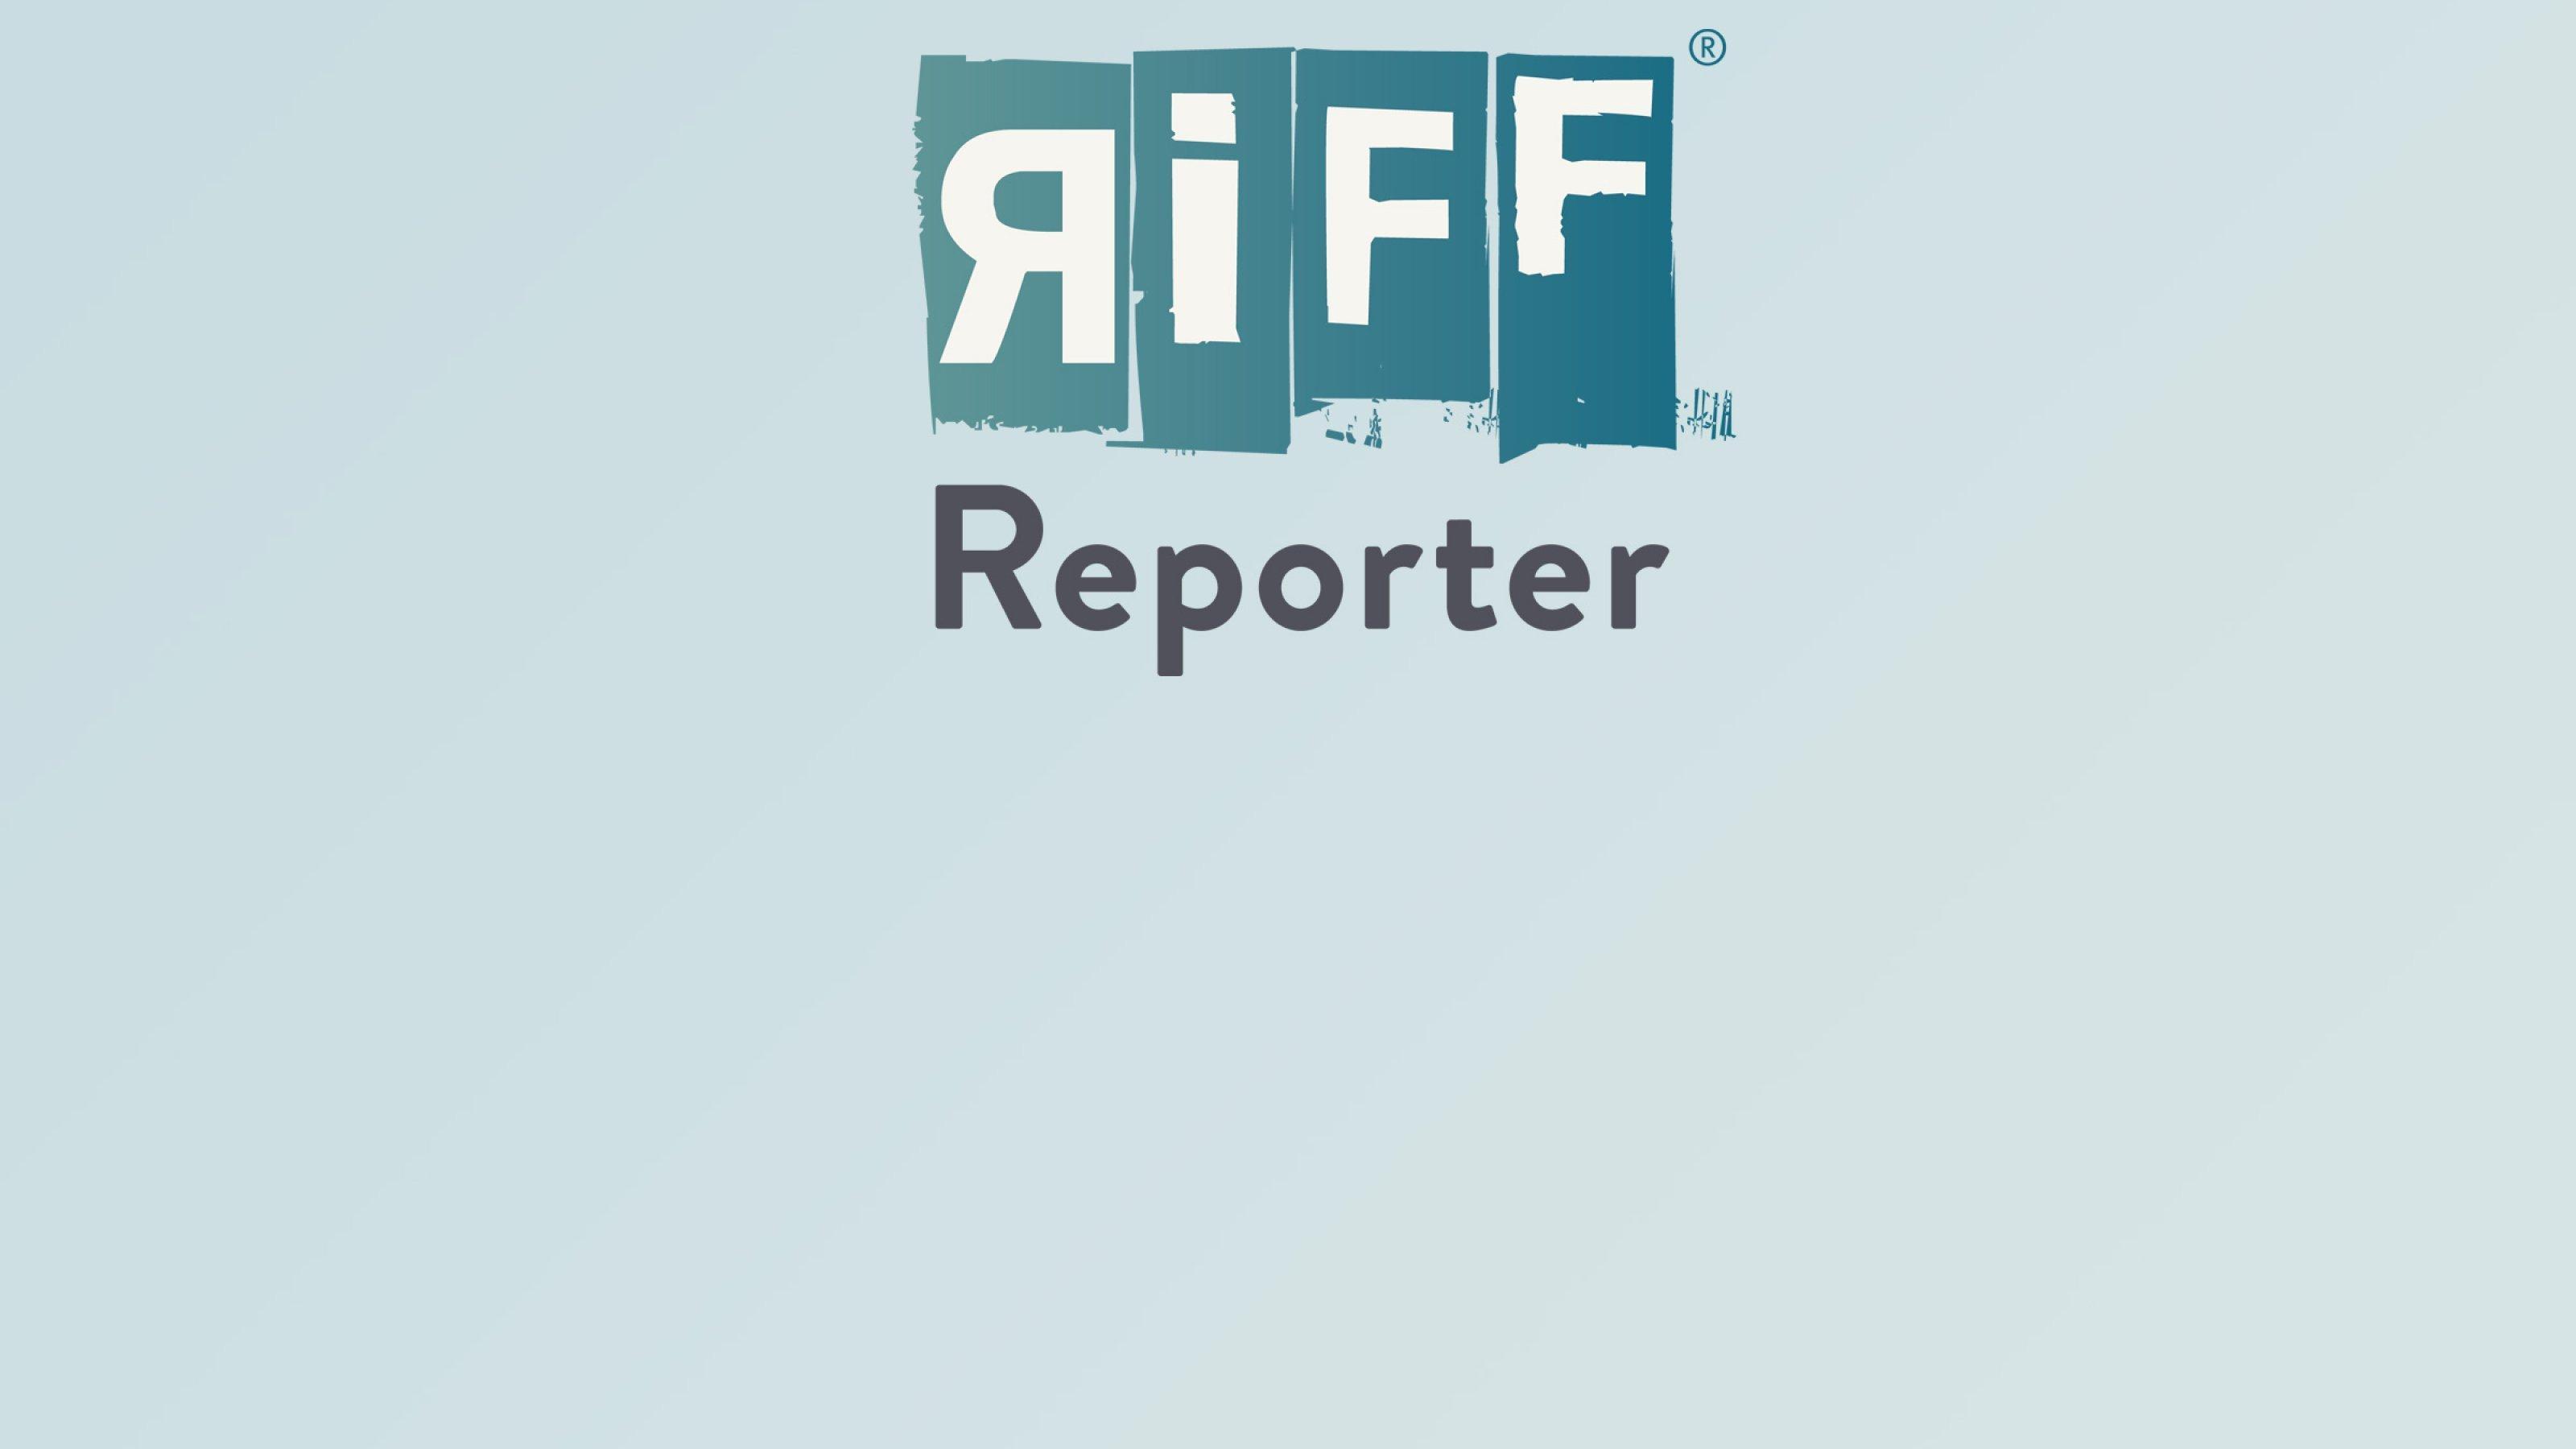 Der Bildbetrachter blickt von einer Anhöhe hinab auf einen blau-grün schimmernden See, der von grünen Bäumen umsäumt ist. Im Hintergrund sind felsige Berge.